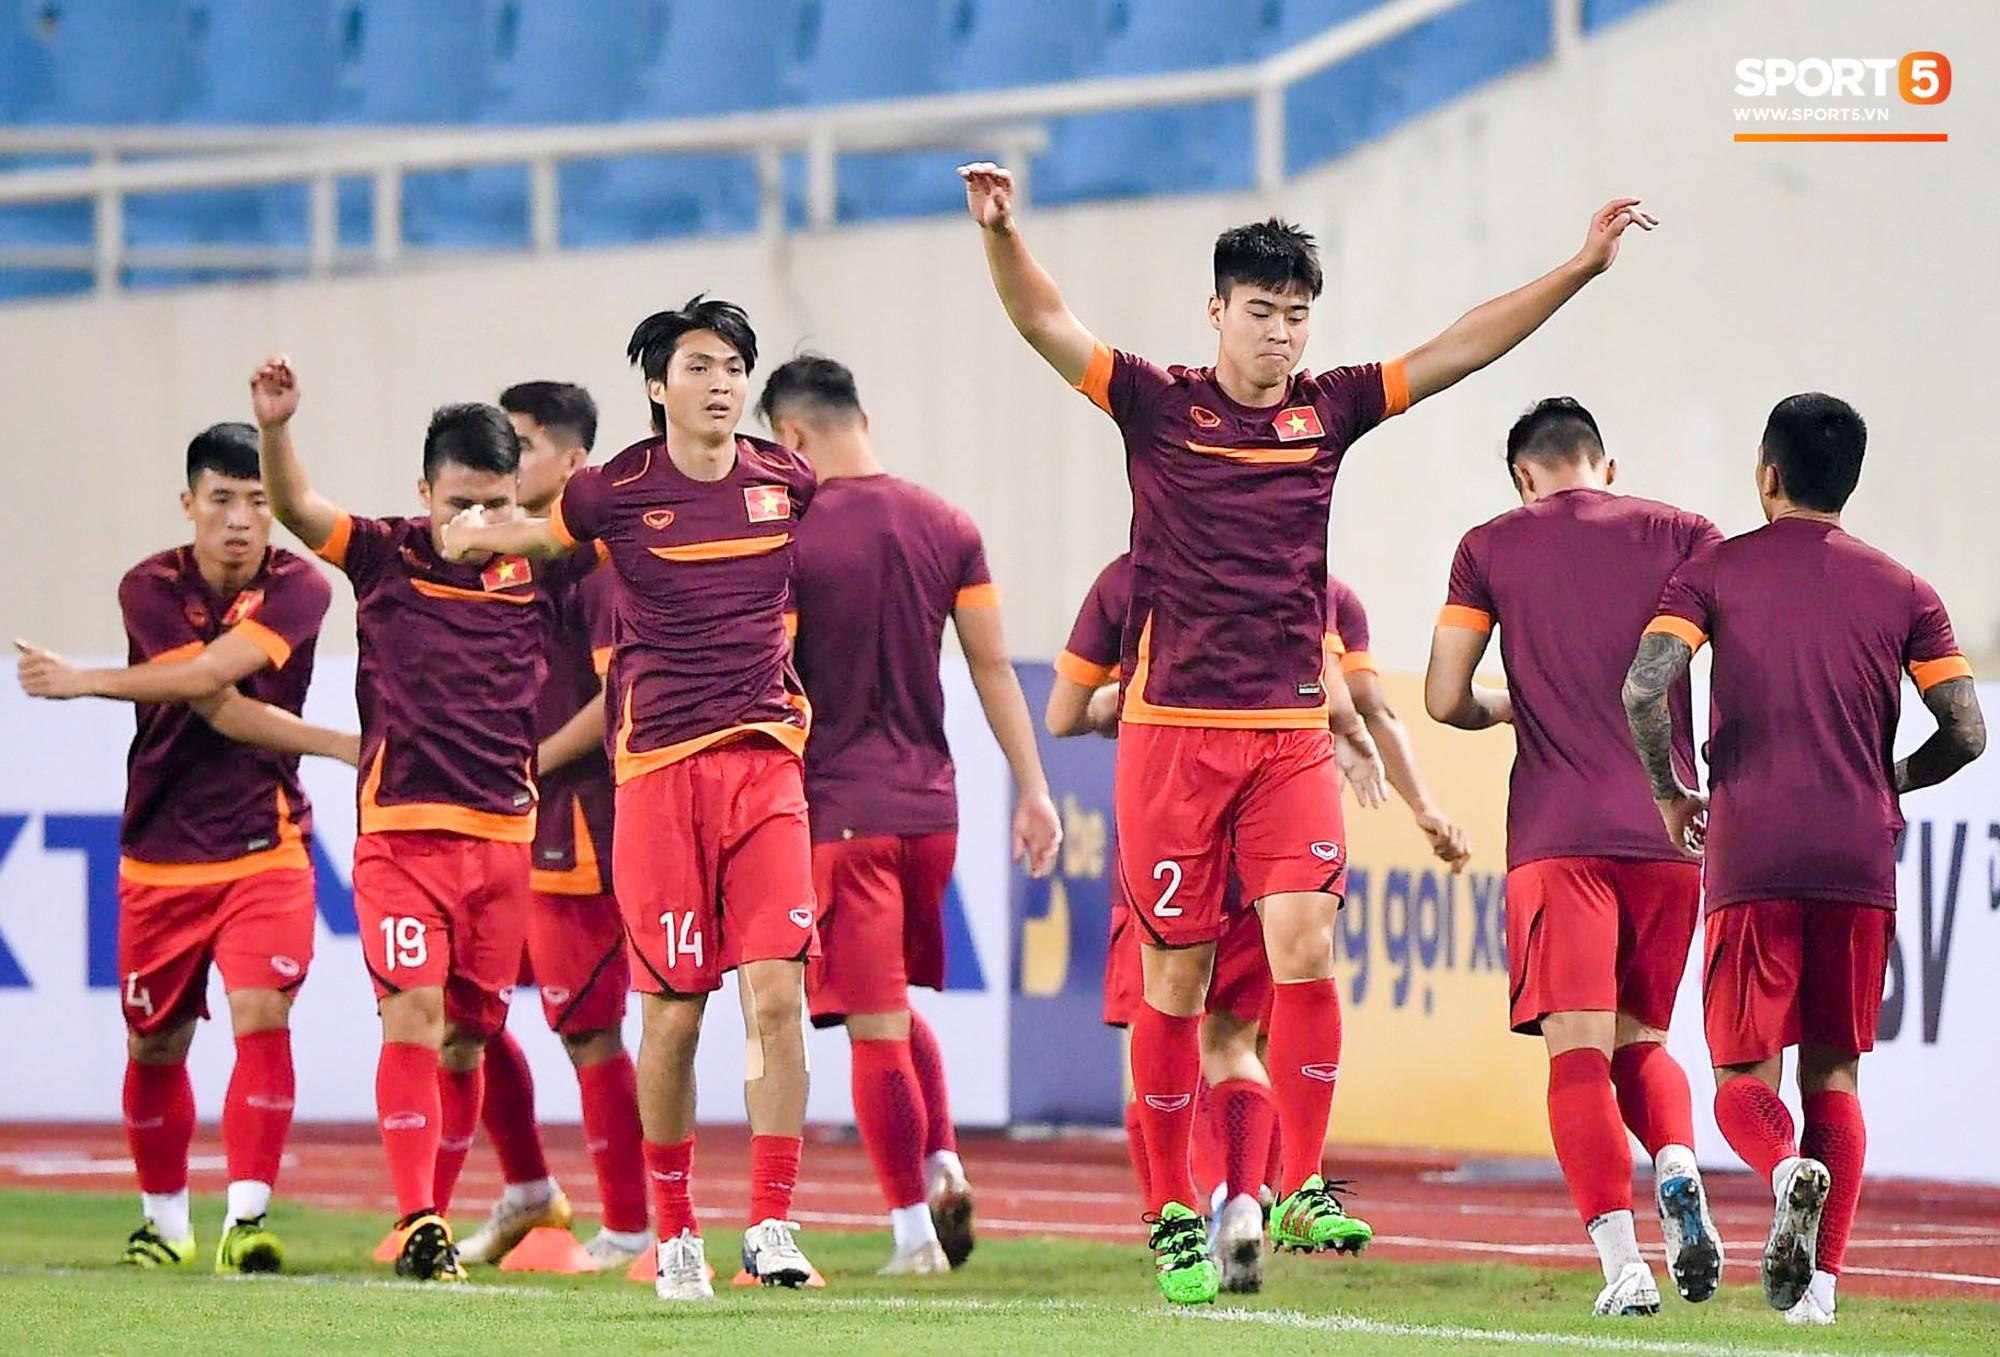 Tuyển thủ Việt Nam mặc áo cũ, không in số gây tò mò ở buổi tập áp chót trước trận chiến với Malaysia - Ảnh 5.